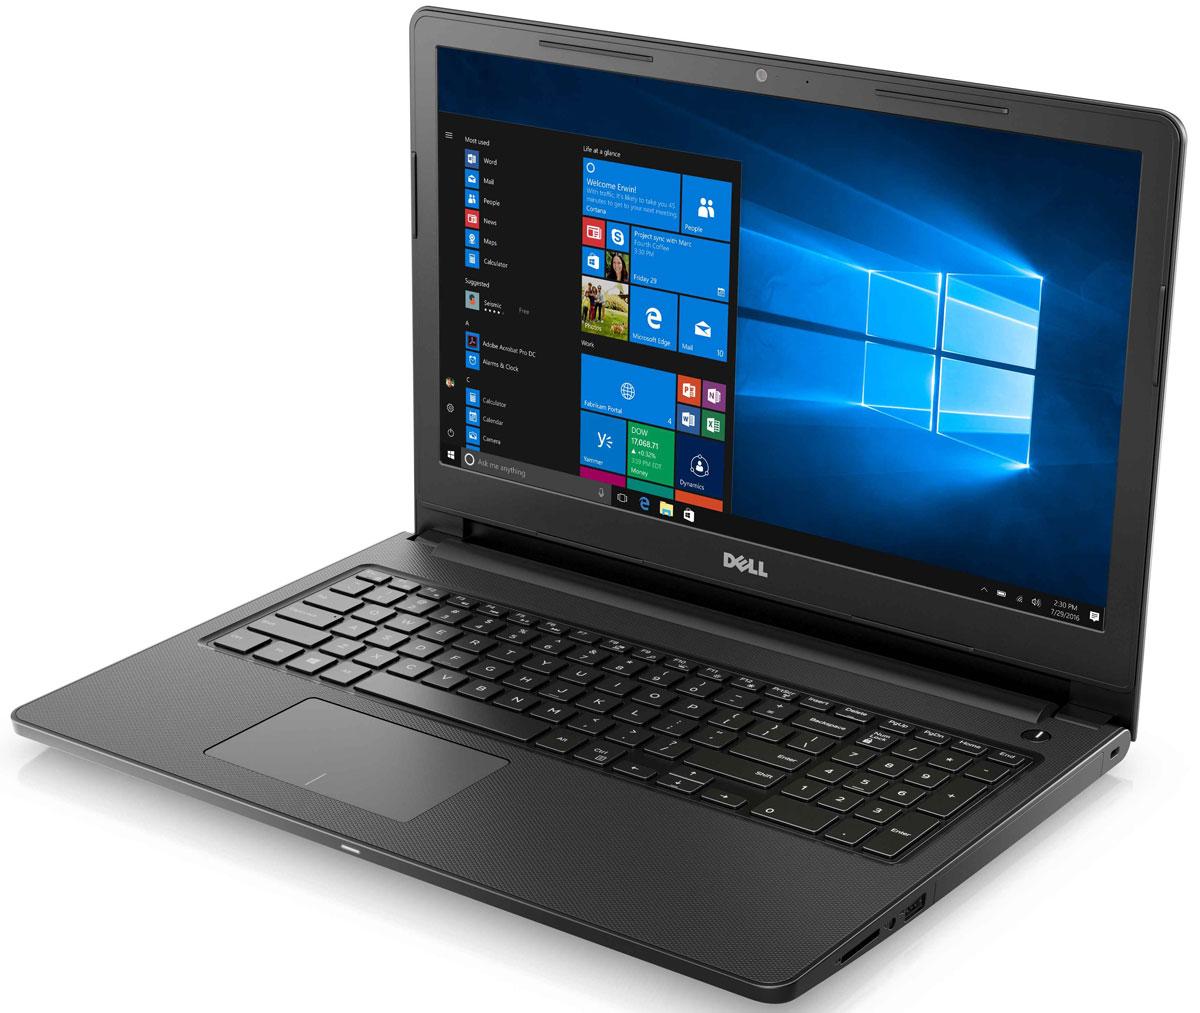 Dell Inspiron 3567, Black (3567-7879)3567-7879Производительный 15-дюймовый ноутбук Dell Inspiron 3566 с новейшим процессором Intel Core i3, глянцевым дисплеем с покрытием TrueLife и продолжительным временем работы от батареи. Благодаря процессору Intel Core i3-6006U и дискретной графической карте AMD Radeon R5 M430 вы получаете высокую производительность без задержки, что гарантирует плавное воспроизведение музыки и видео при фоновом выполнении других программ. Превосходный звук Waves MaxxAudio обеспечивает впечатляющее качество при прослушивании музыки и просмотре видео. Сделайте Dell Inspiron 3567 своим узлом связи. Поддерживать связь с друзьями и родственниками никогда не было так просто благодаря надежному WiFi-соединению и Bluetooth 4.0, встроенной HD веб-камере высокой четкости и 15,6-дюймовому экрану. Смотрите фильмы с DVD-дисков, записывайте компакт-диски или быстро загружайте системное программное обеспечение и приложения на свой компьютер с помощью внутреннего...